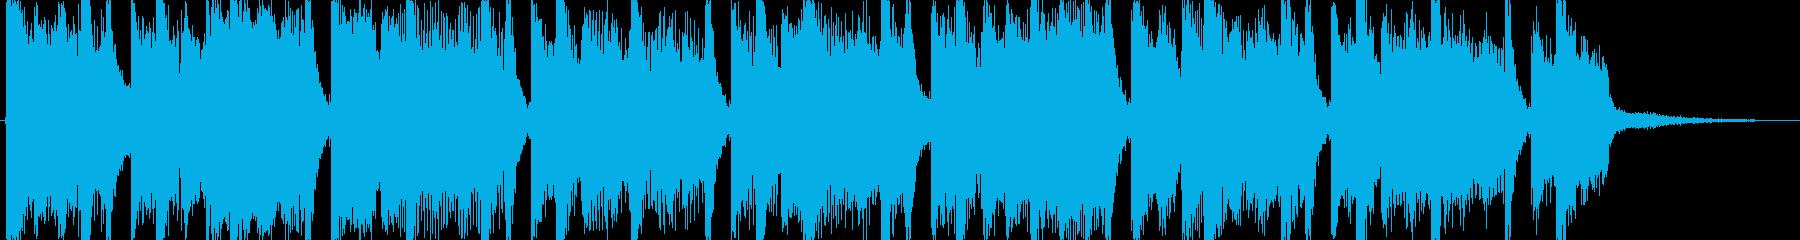 EDM・盛り上げ・シンセティック・電子的の再生済みの波形